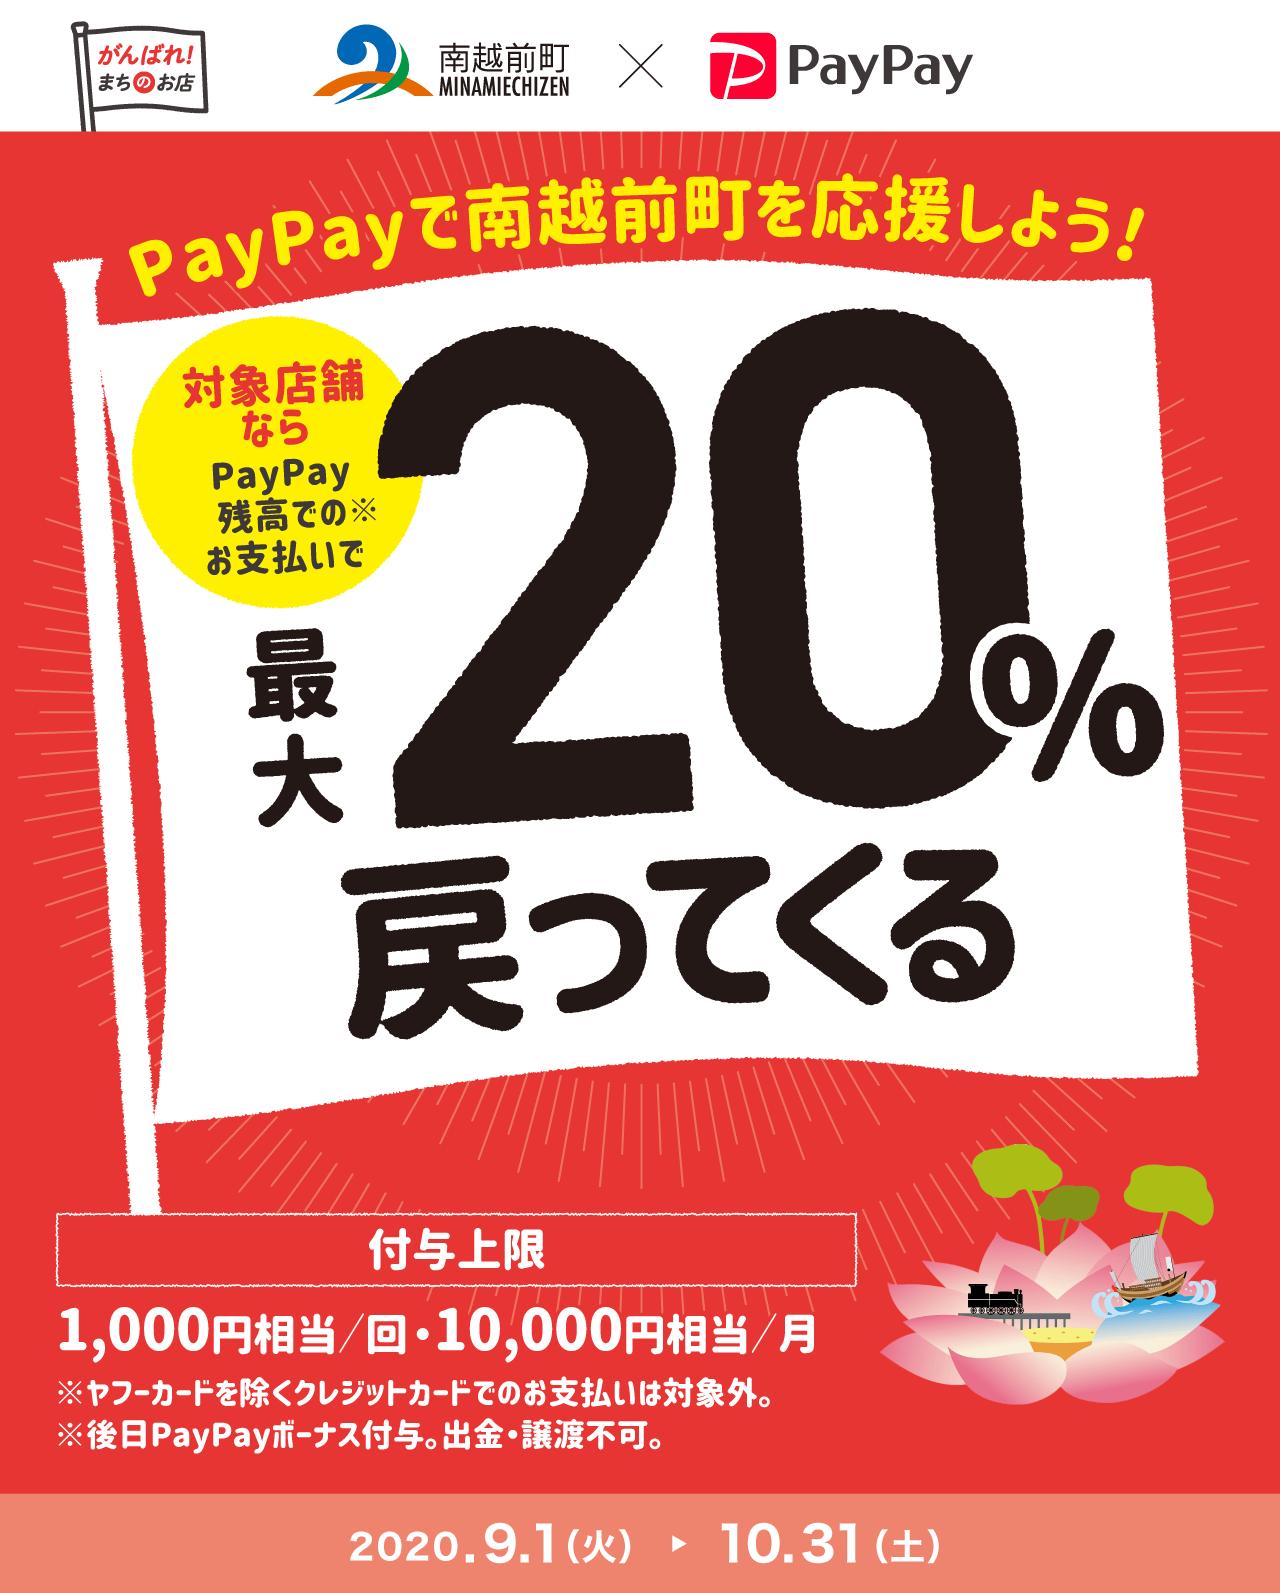 PayPayで南越前町を応援しよう! 対象店舗ならPayPay残高でのお支払いで最大20%戻ってくる